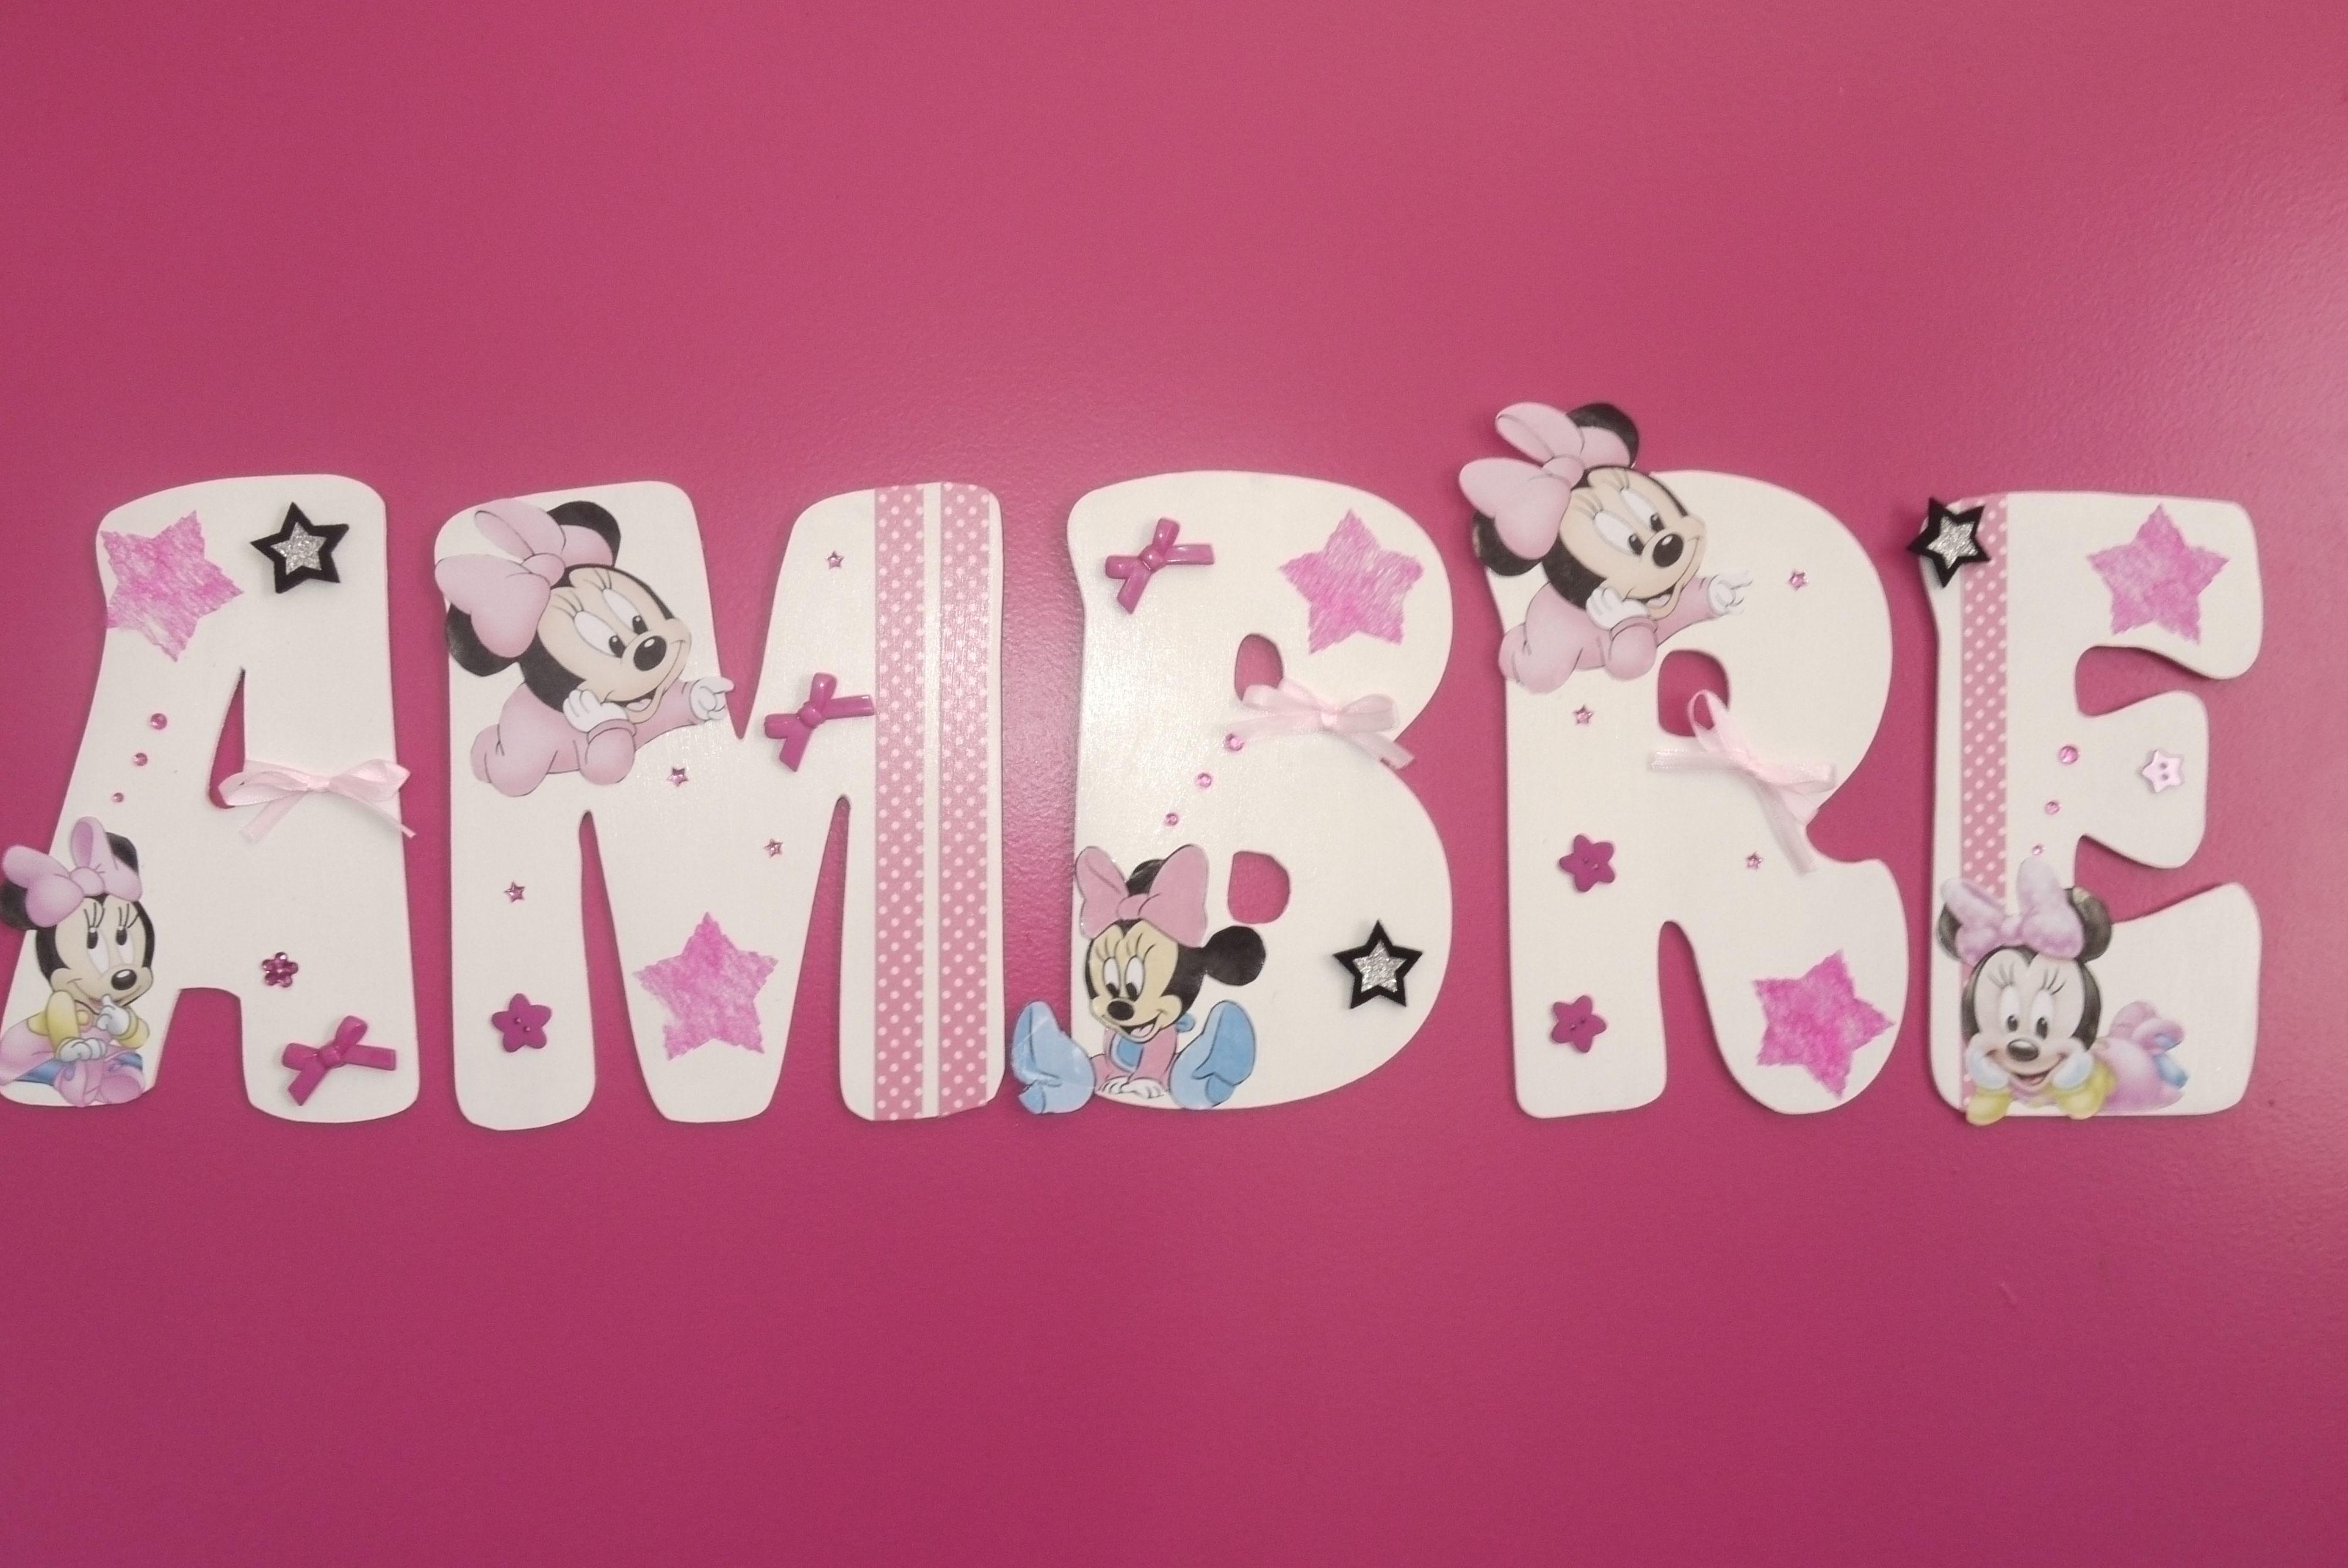 Prénom En Bois Peint Et Décoré Pour Poser Dans Une Chambre Rose Fushia Avec  Des Touches De Blanc, La Maman Souhaitée Des Baby Minnie Et De La Déco  Fushia ...